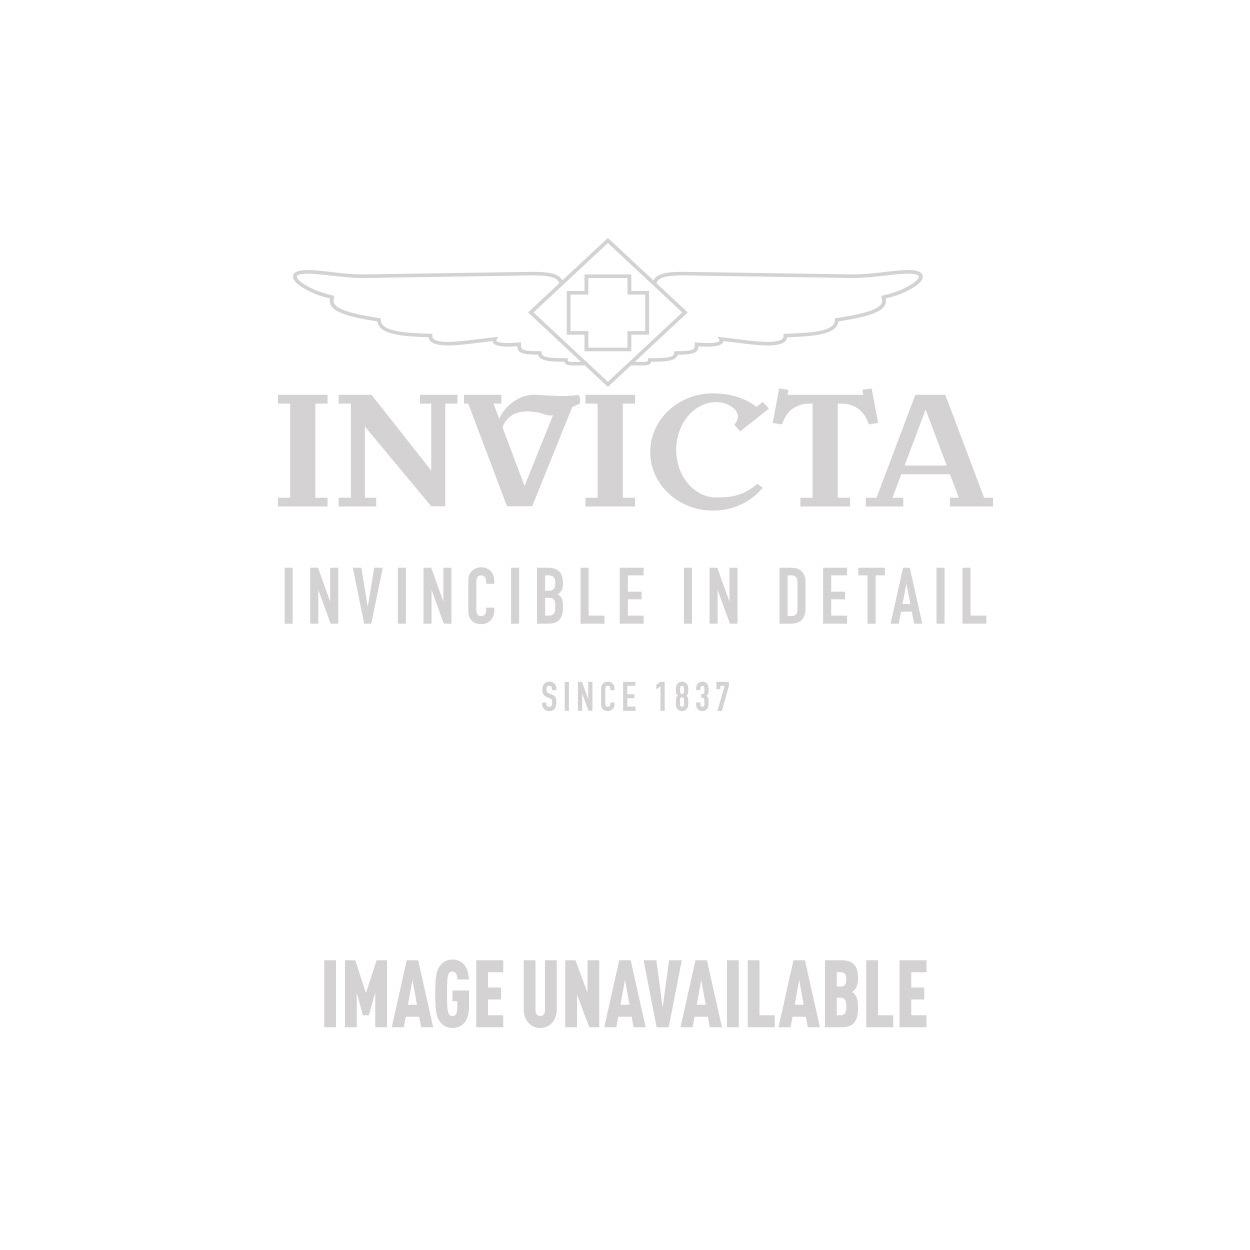 Invicta Model 26936